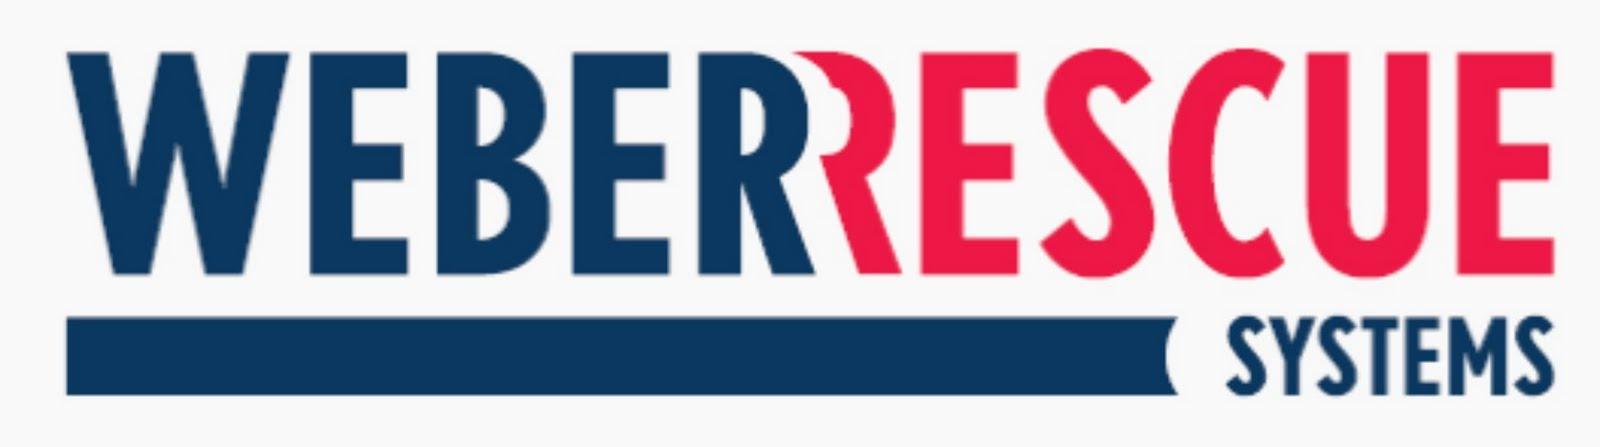 weber_rescue.jpg